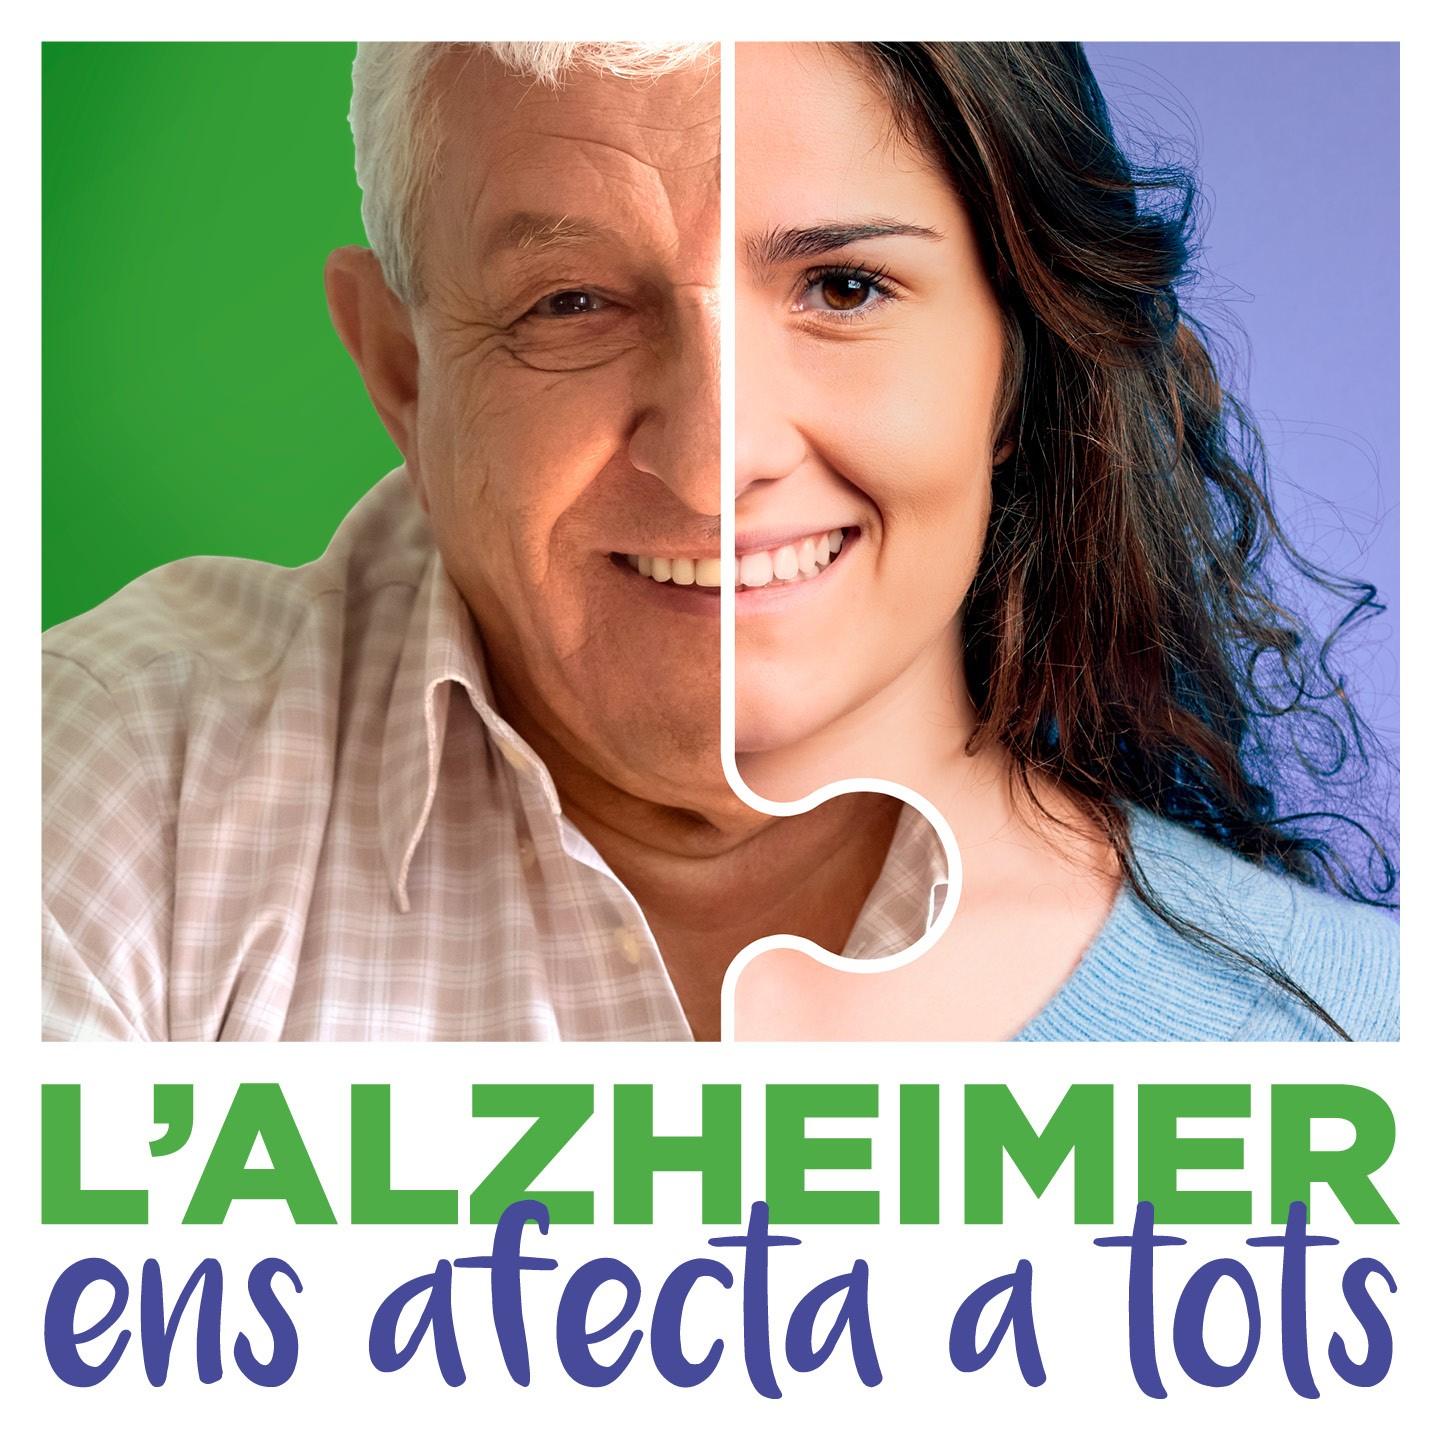 L'AFAM engega una campanya de conscienciació sobre l'Alzheimer